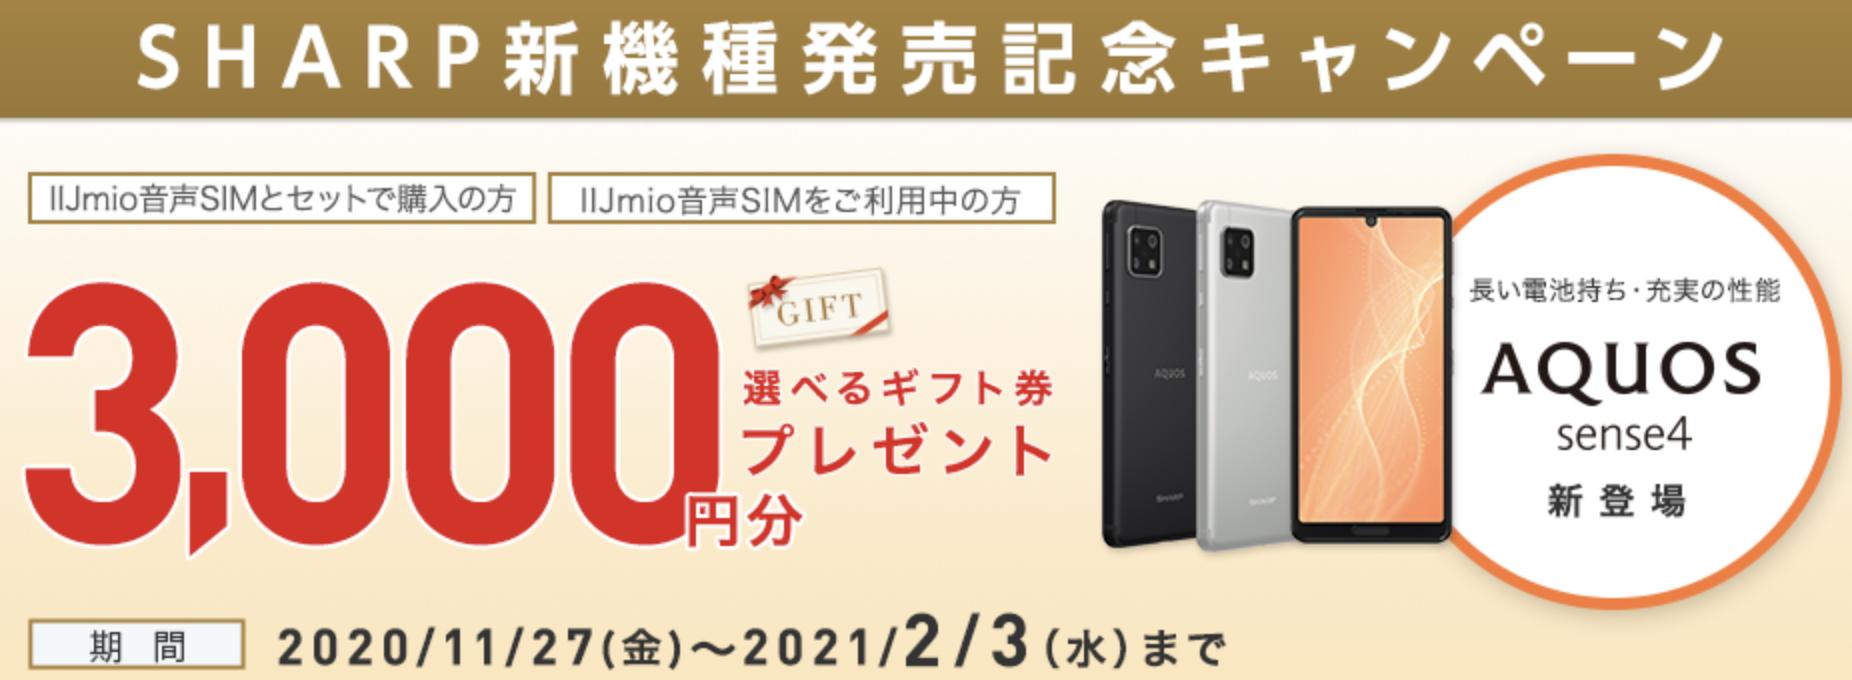 格安SIM_キャンペーン_IIJmio_SHARP新機種発売記念キャンペーン